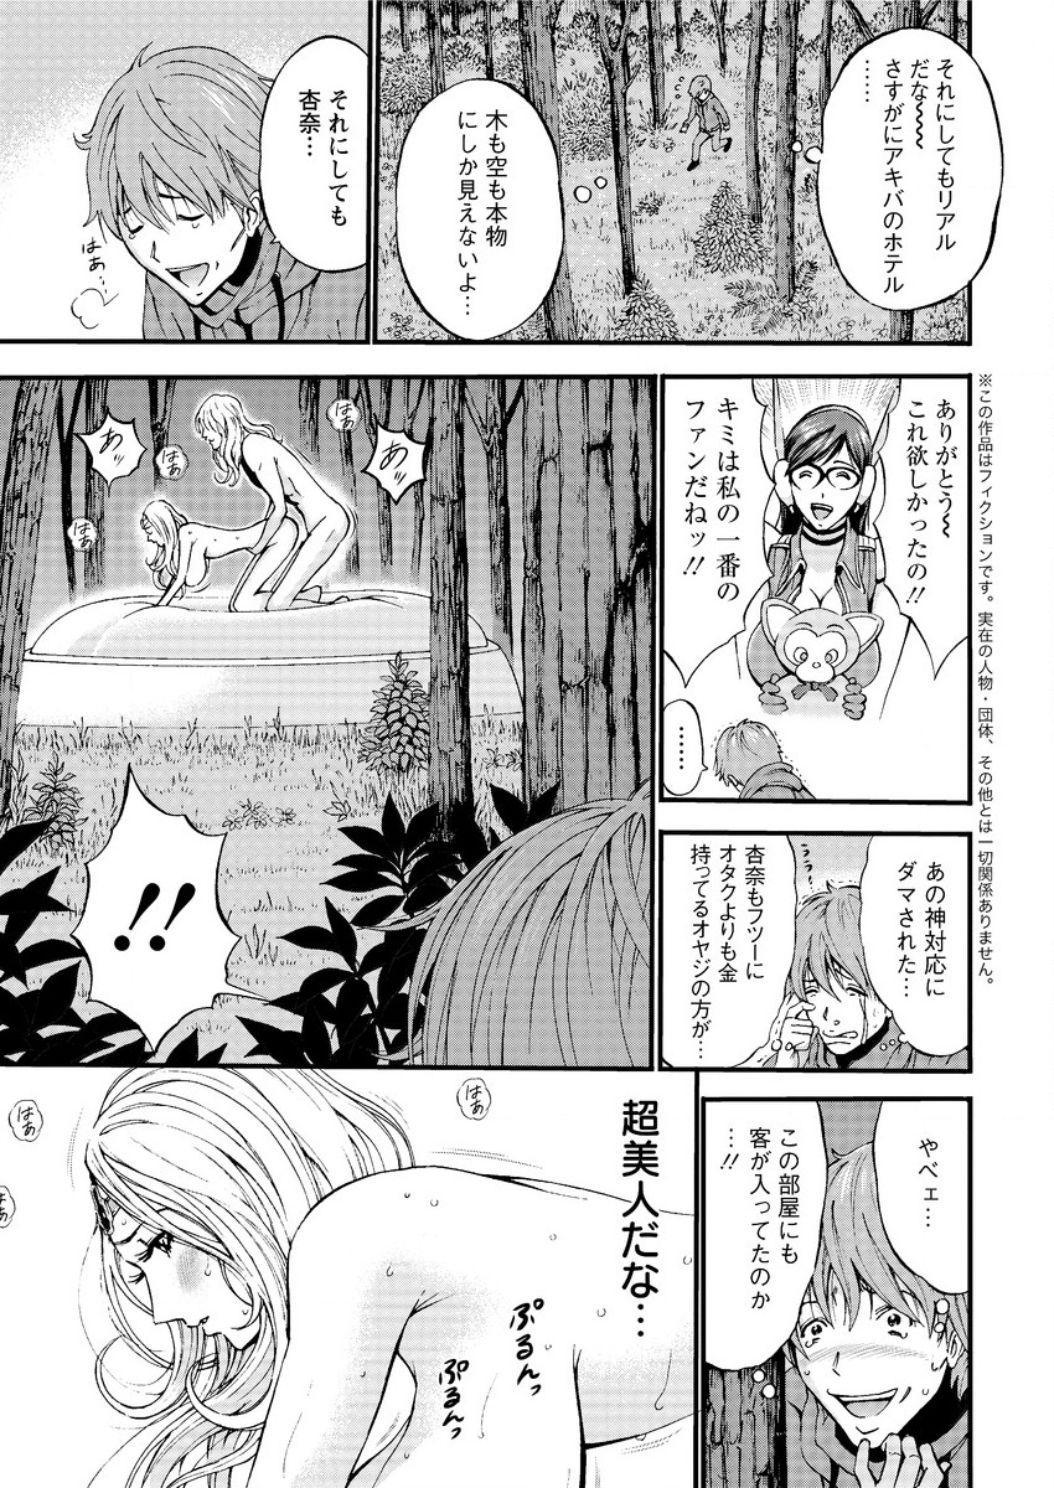 Seireki 2200 Nen no Ota Ch. 1-18 9